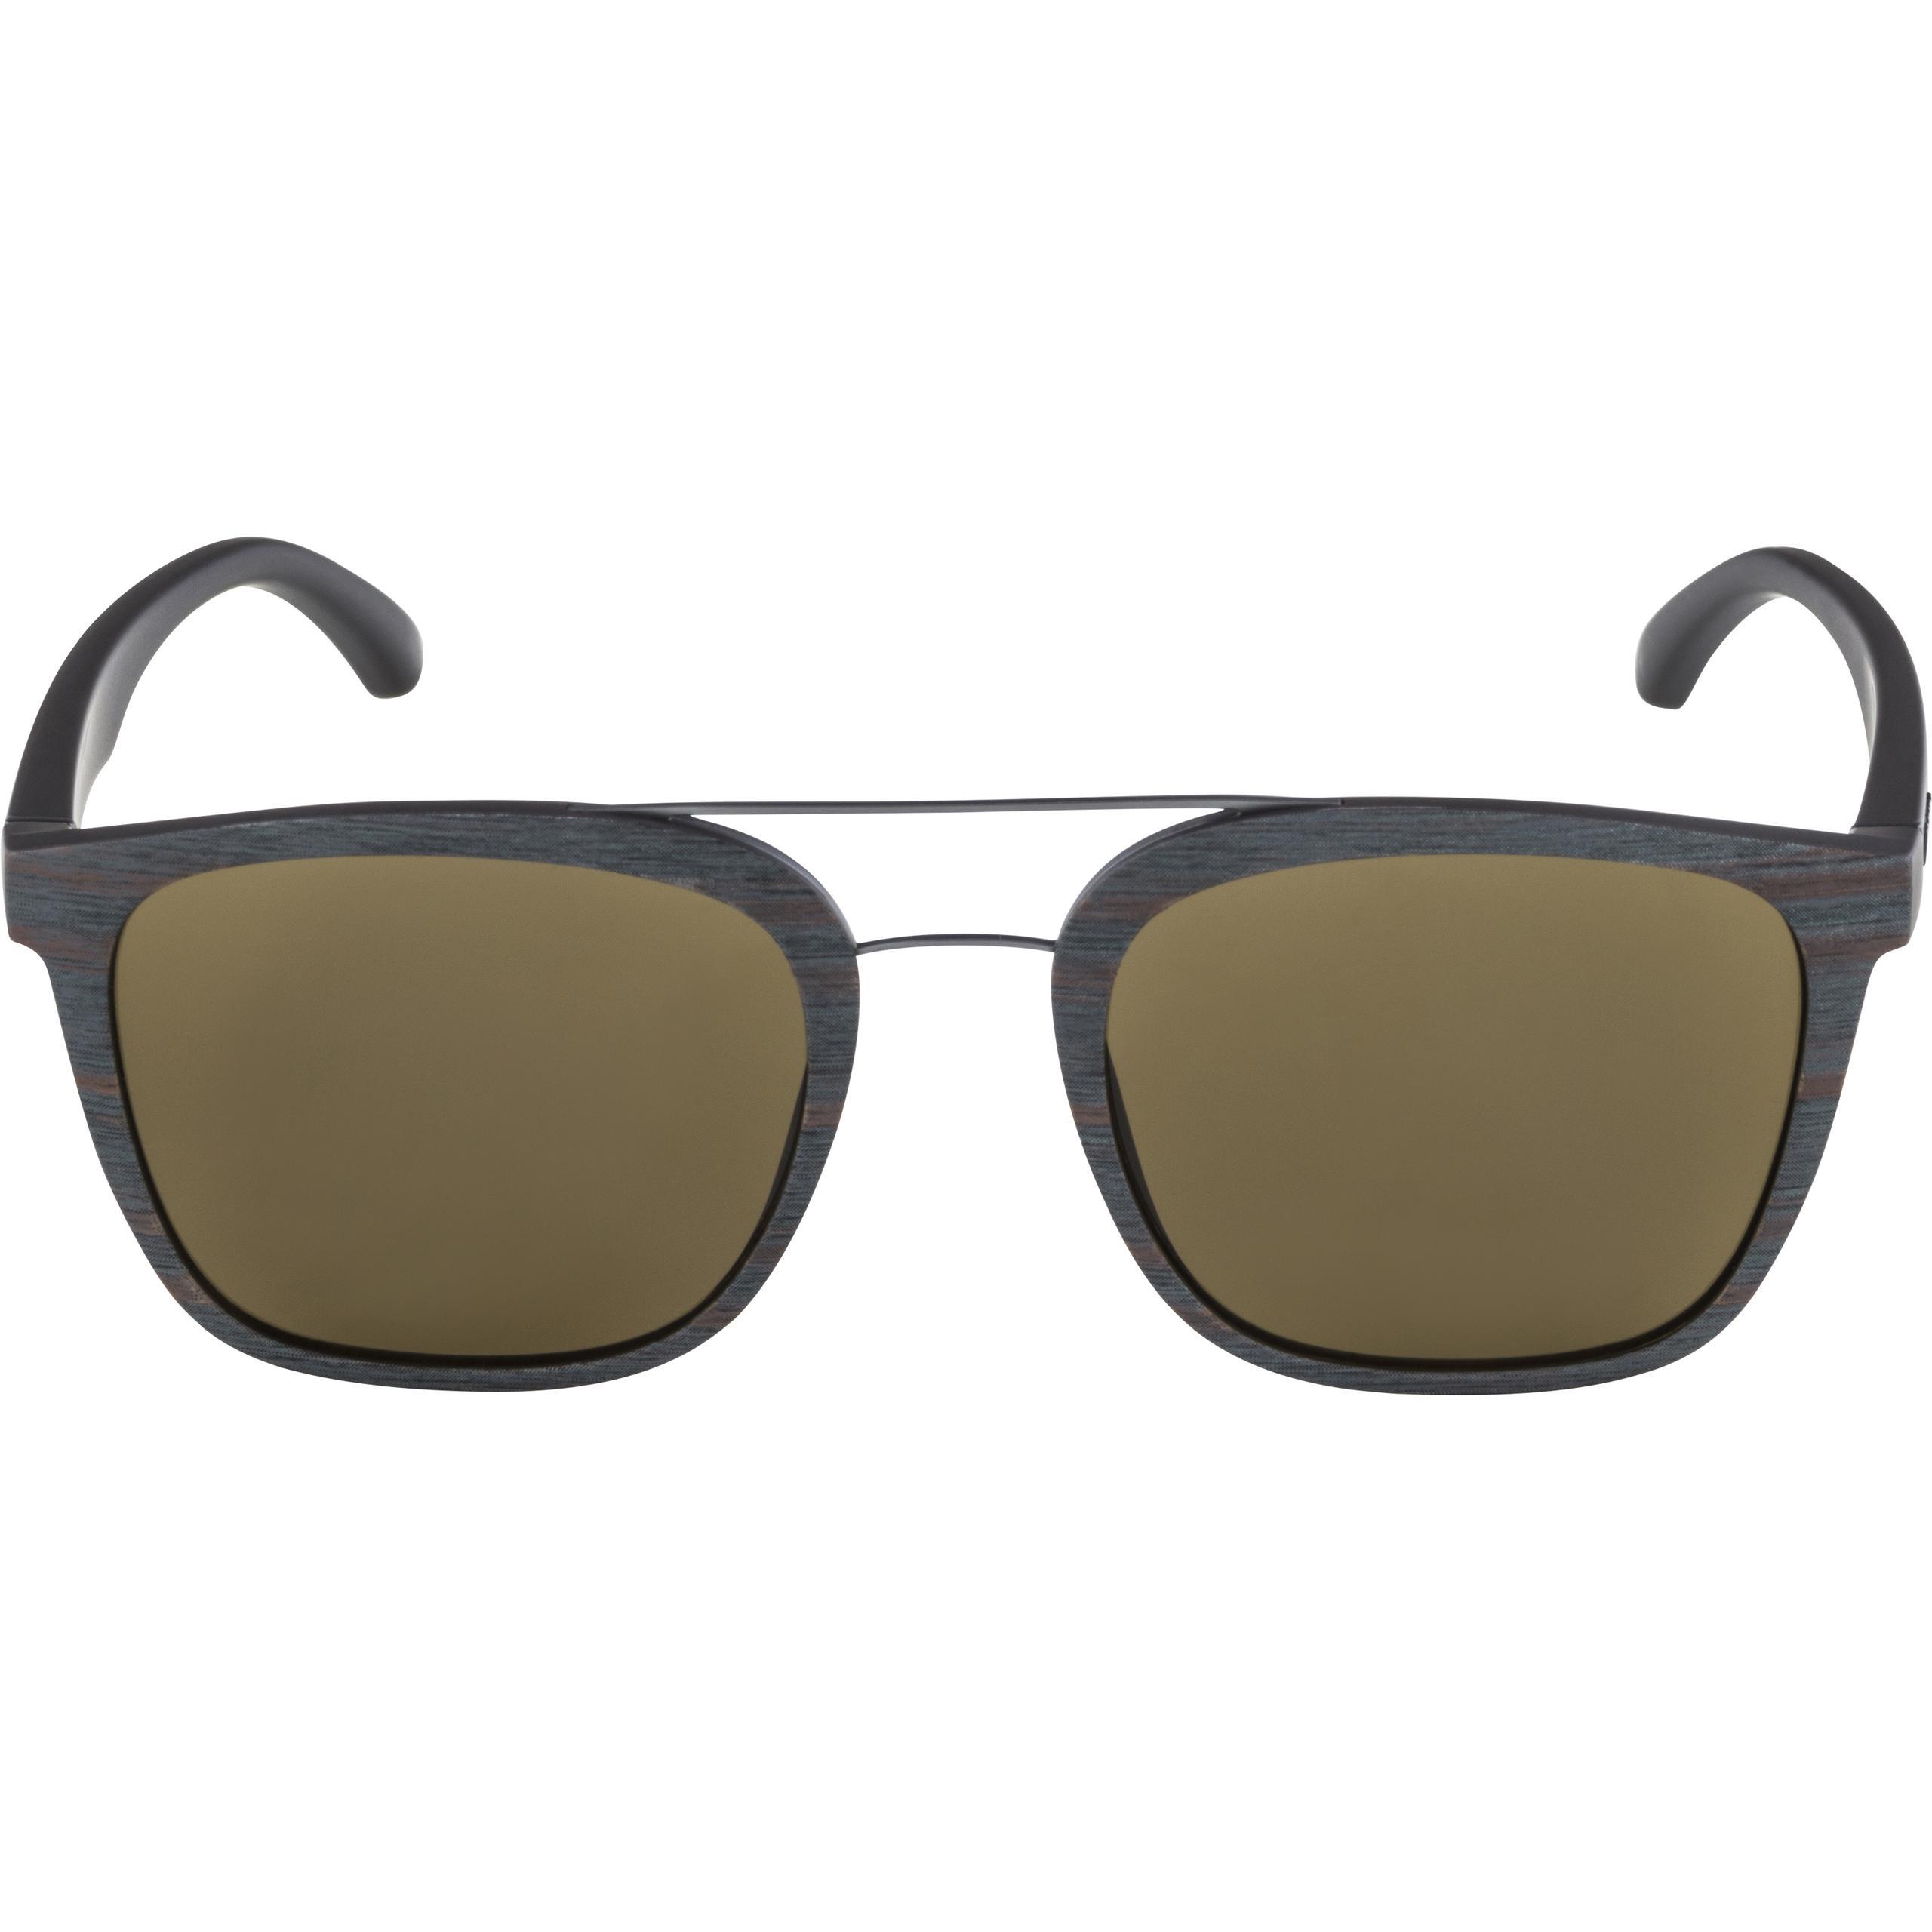 Alpina Sportbrille CARUMA I brown-grey matt brown